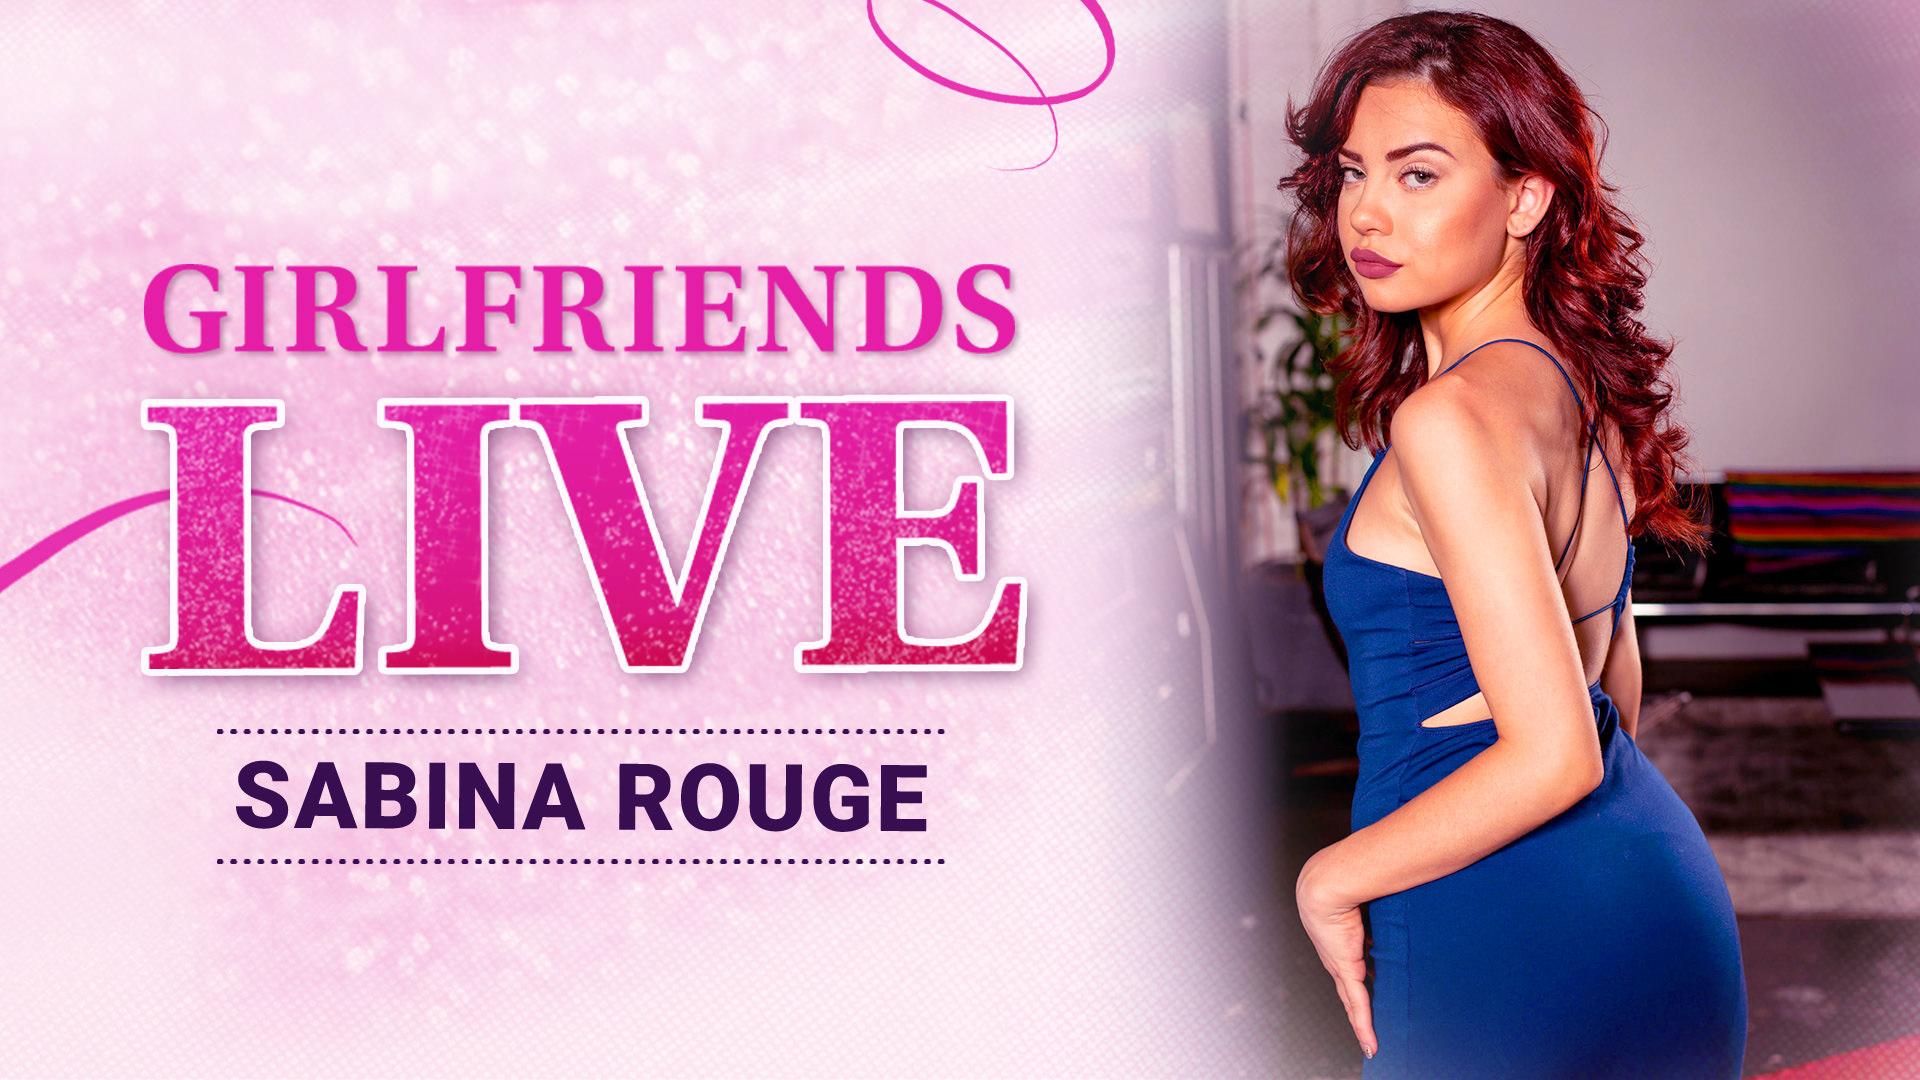 Girlfriends Live - Sabina Rouge, Scene #01 - Girlfriends Films